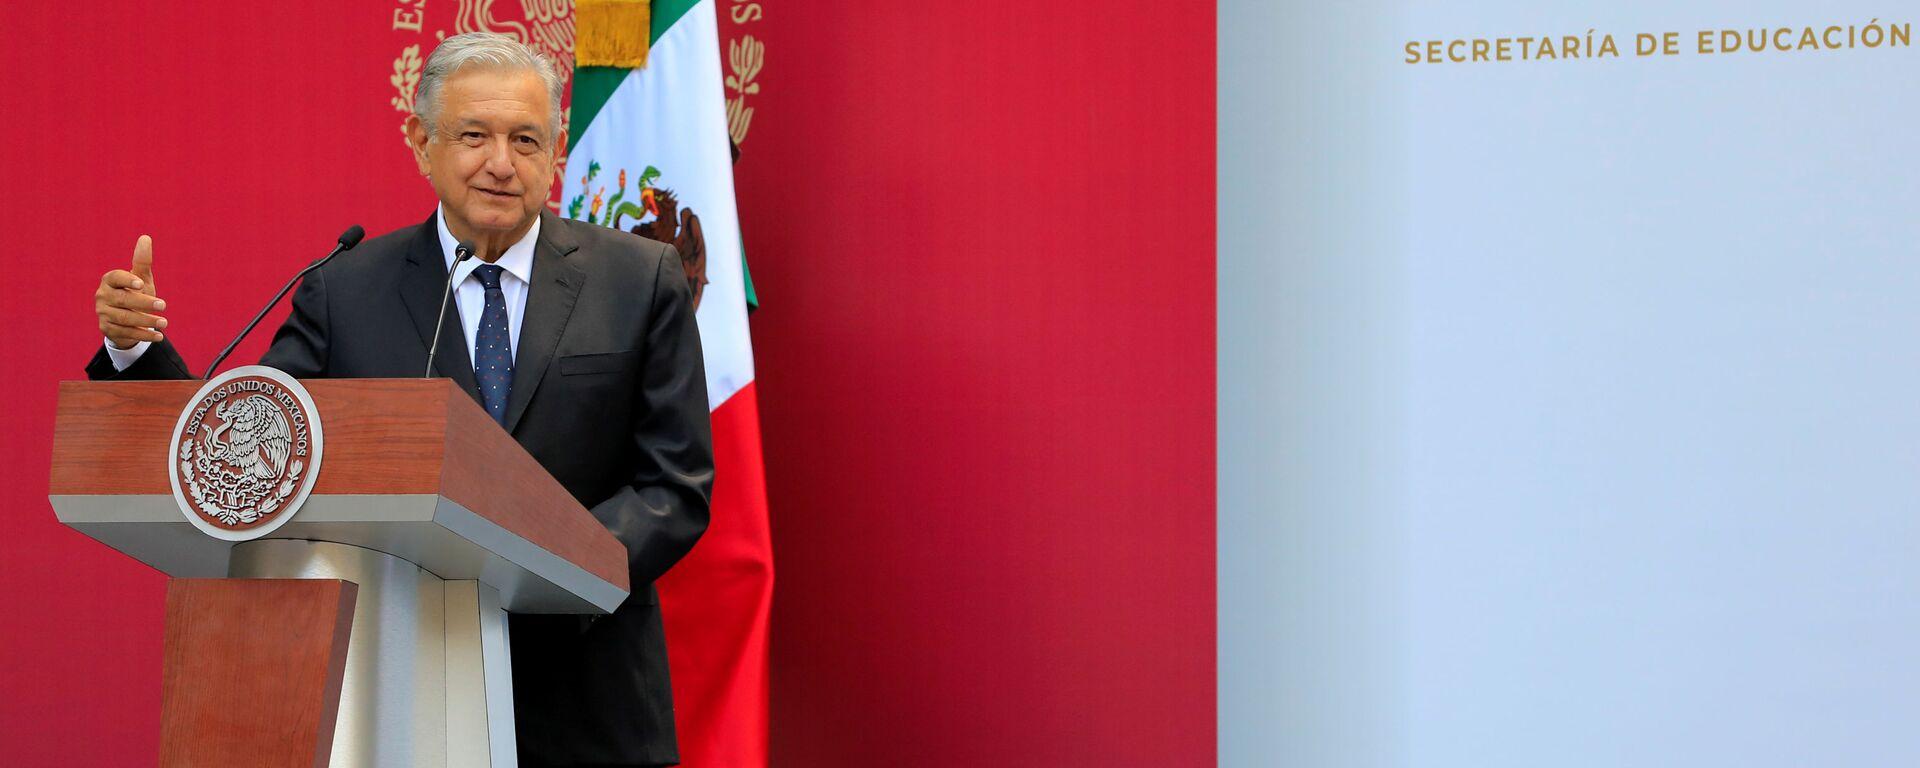 Andrés Manuel López Obrador, presidente de México - Sputnik Mundo, 1920, 18.07.2019